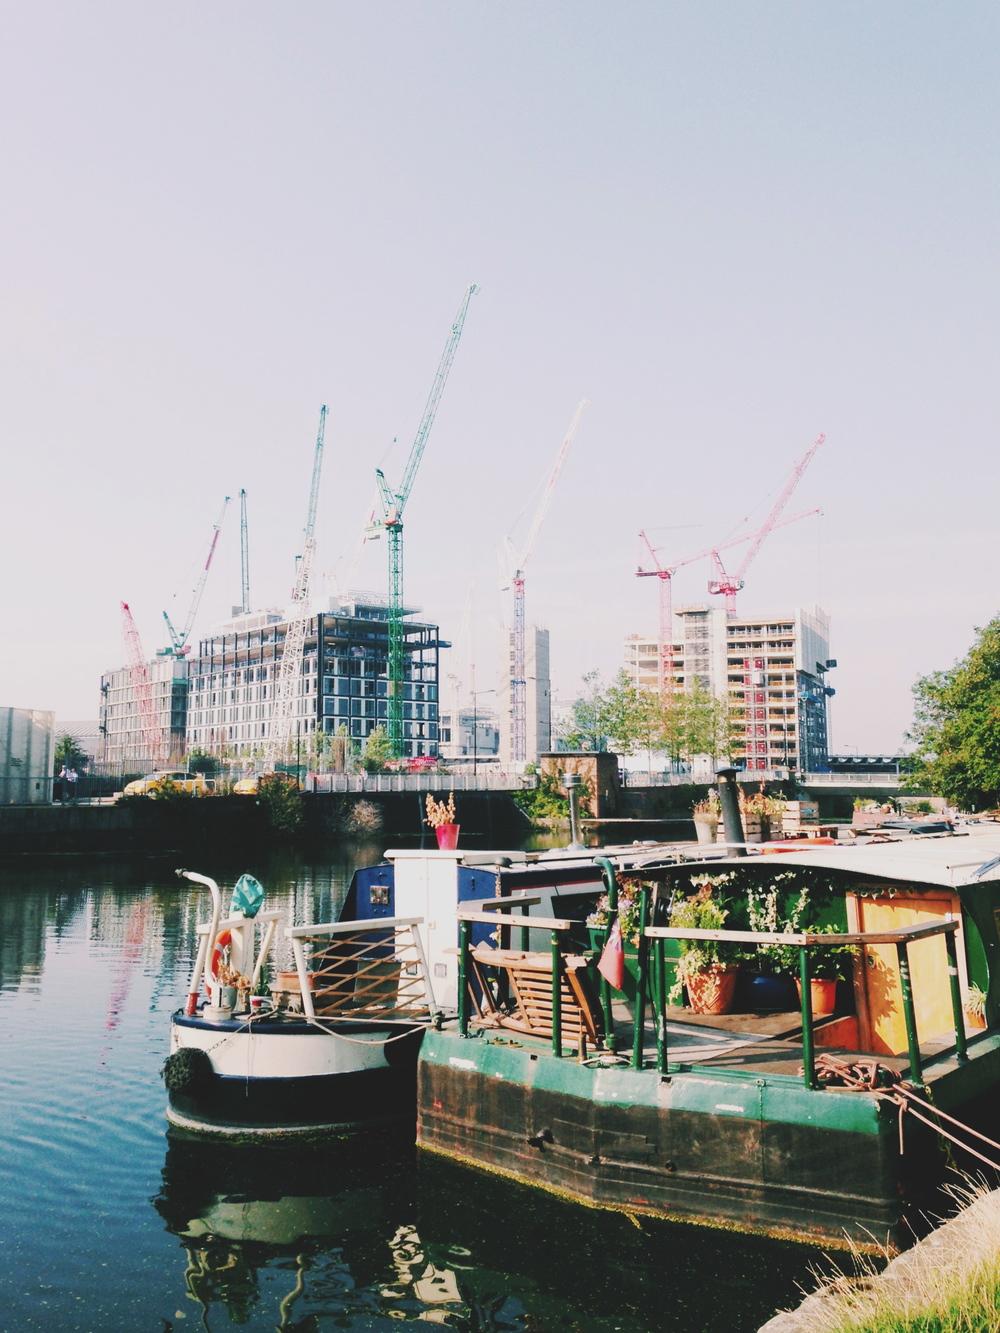 regent's canal | sally mussellwhite | vsco grid